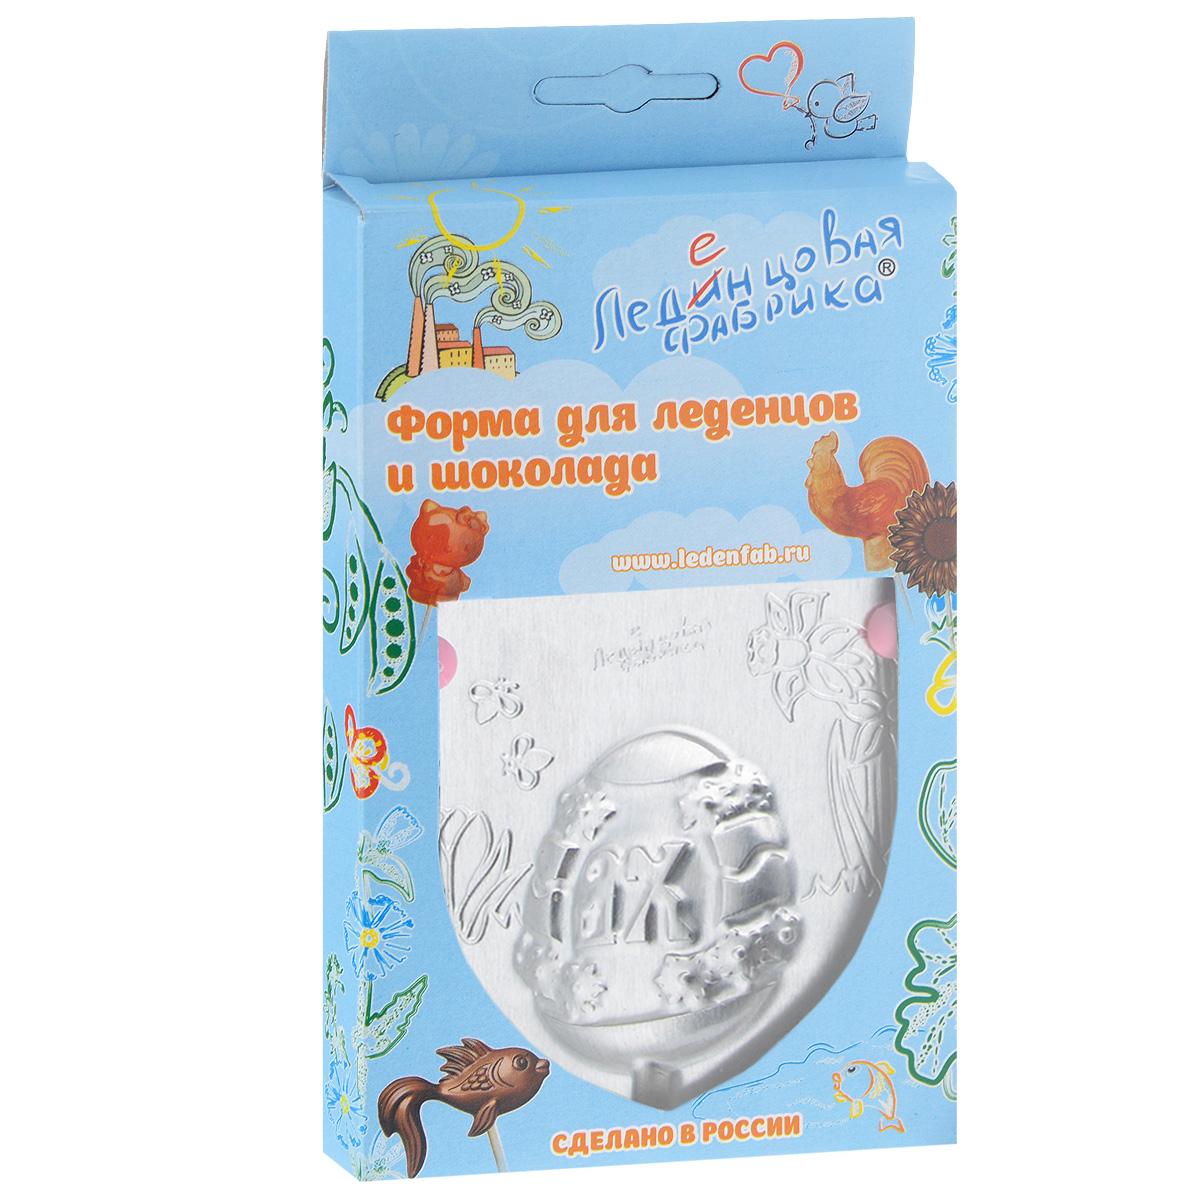 Форма для леденцов Пасхальное яйцо, 9,5 х 9,5 см0020С помощью формы Пасхальное яйцо вы сможете сделать разнообразные леденцы и шоколадки своими руками, используя натуральные продукты: сахар, воду, сок и готовый шоколад. Изделие выполнено из пищевого алюминия. Форма удобна в использовании и оснащена пластиковыми ножками. В комплект входят 10 палочек для леденцов, выполненных из бамбука и инструкция по применению. Детская тематика формочек направлена на воспитание в детях доброго отношения к окружающему миру. Размер формы: 9,5 см х 9,5 см х 0,8 см. Размер готового леденца: 4,3 см х 5,3 см х 0,7 см. Длина палочки: 15 см.